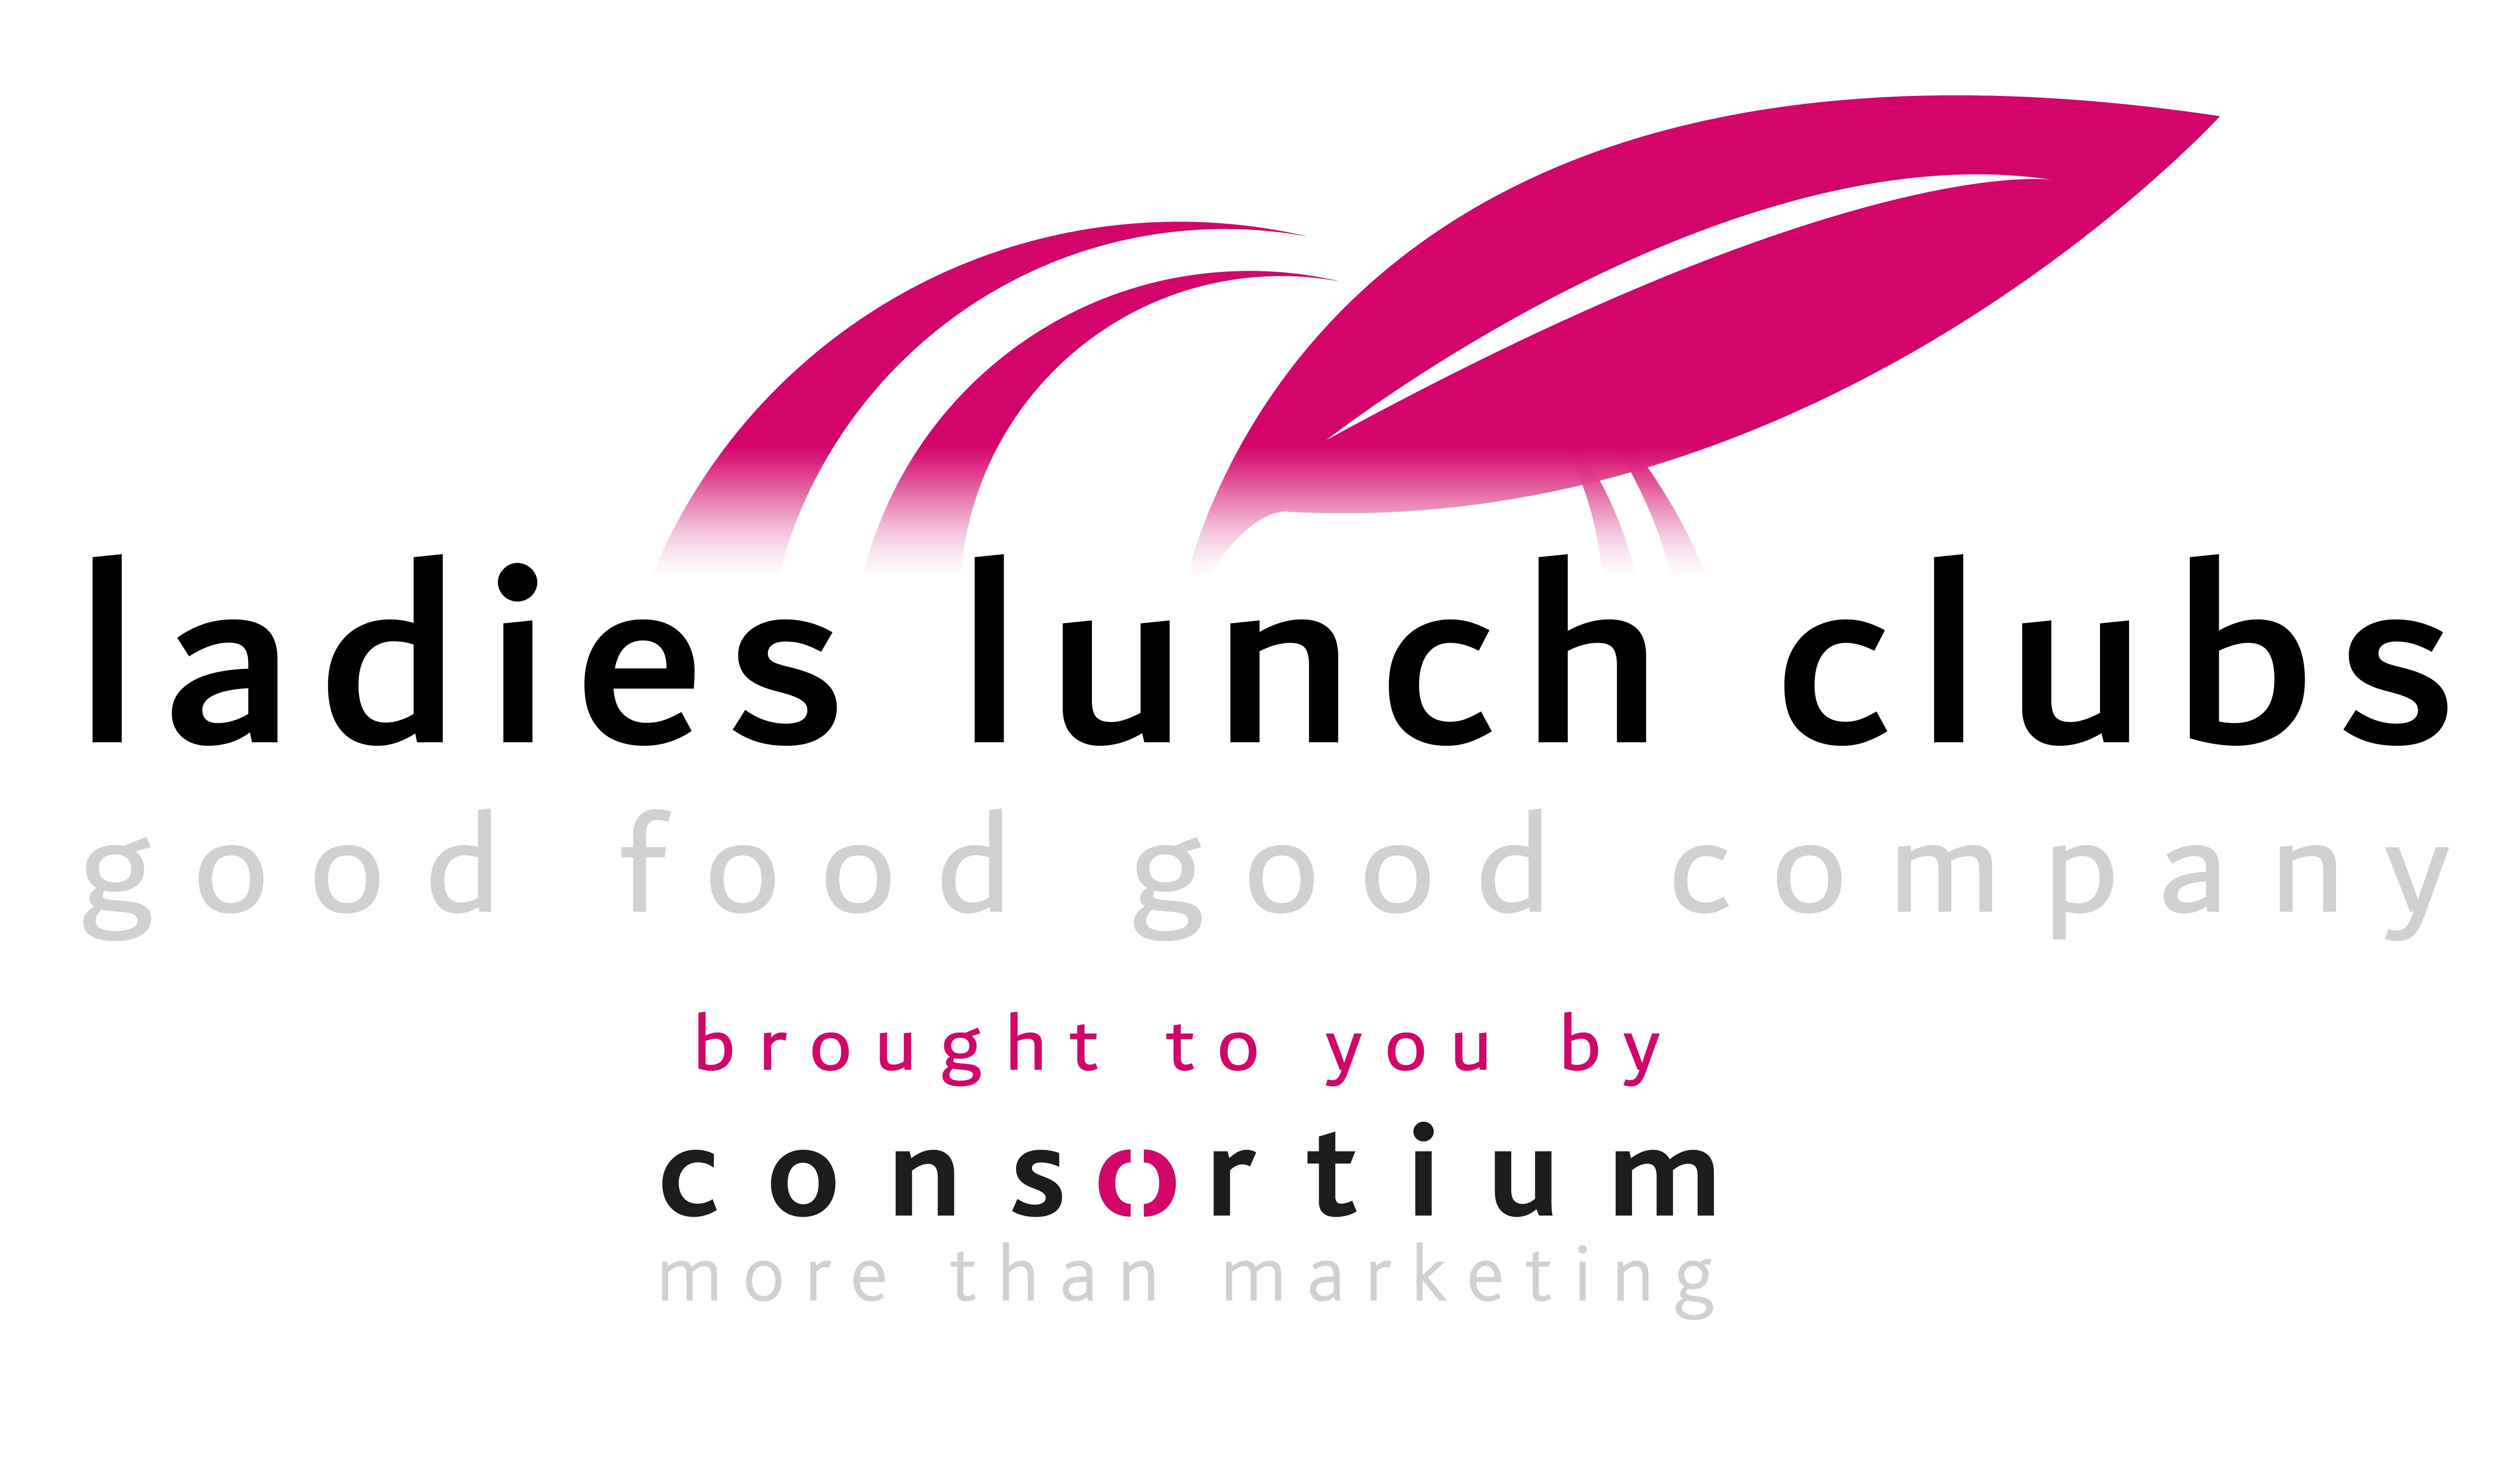 Ladies Lunch Club Logo